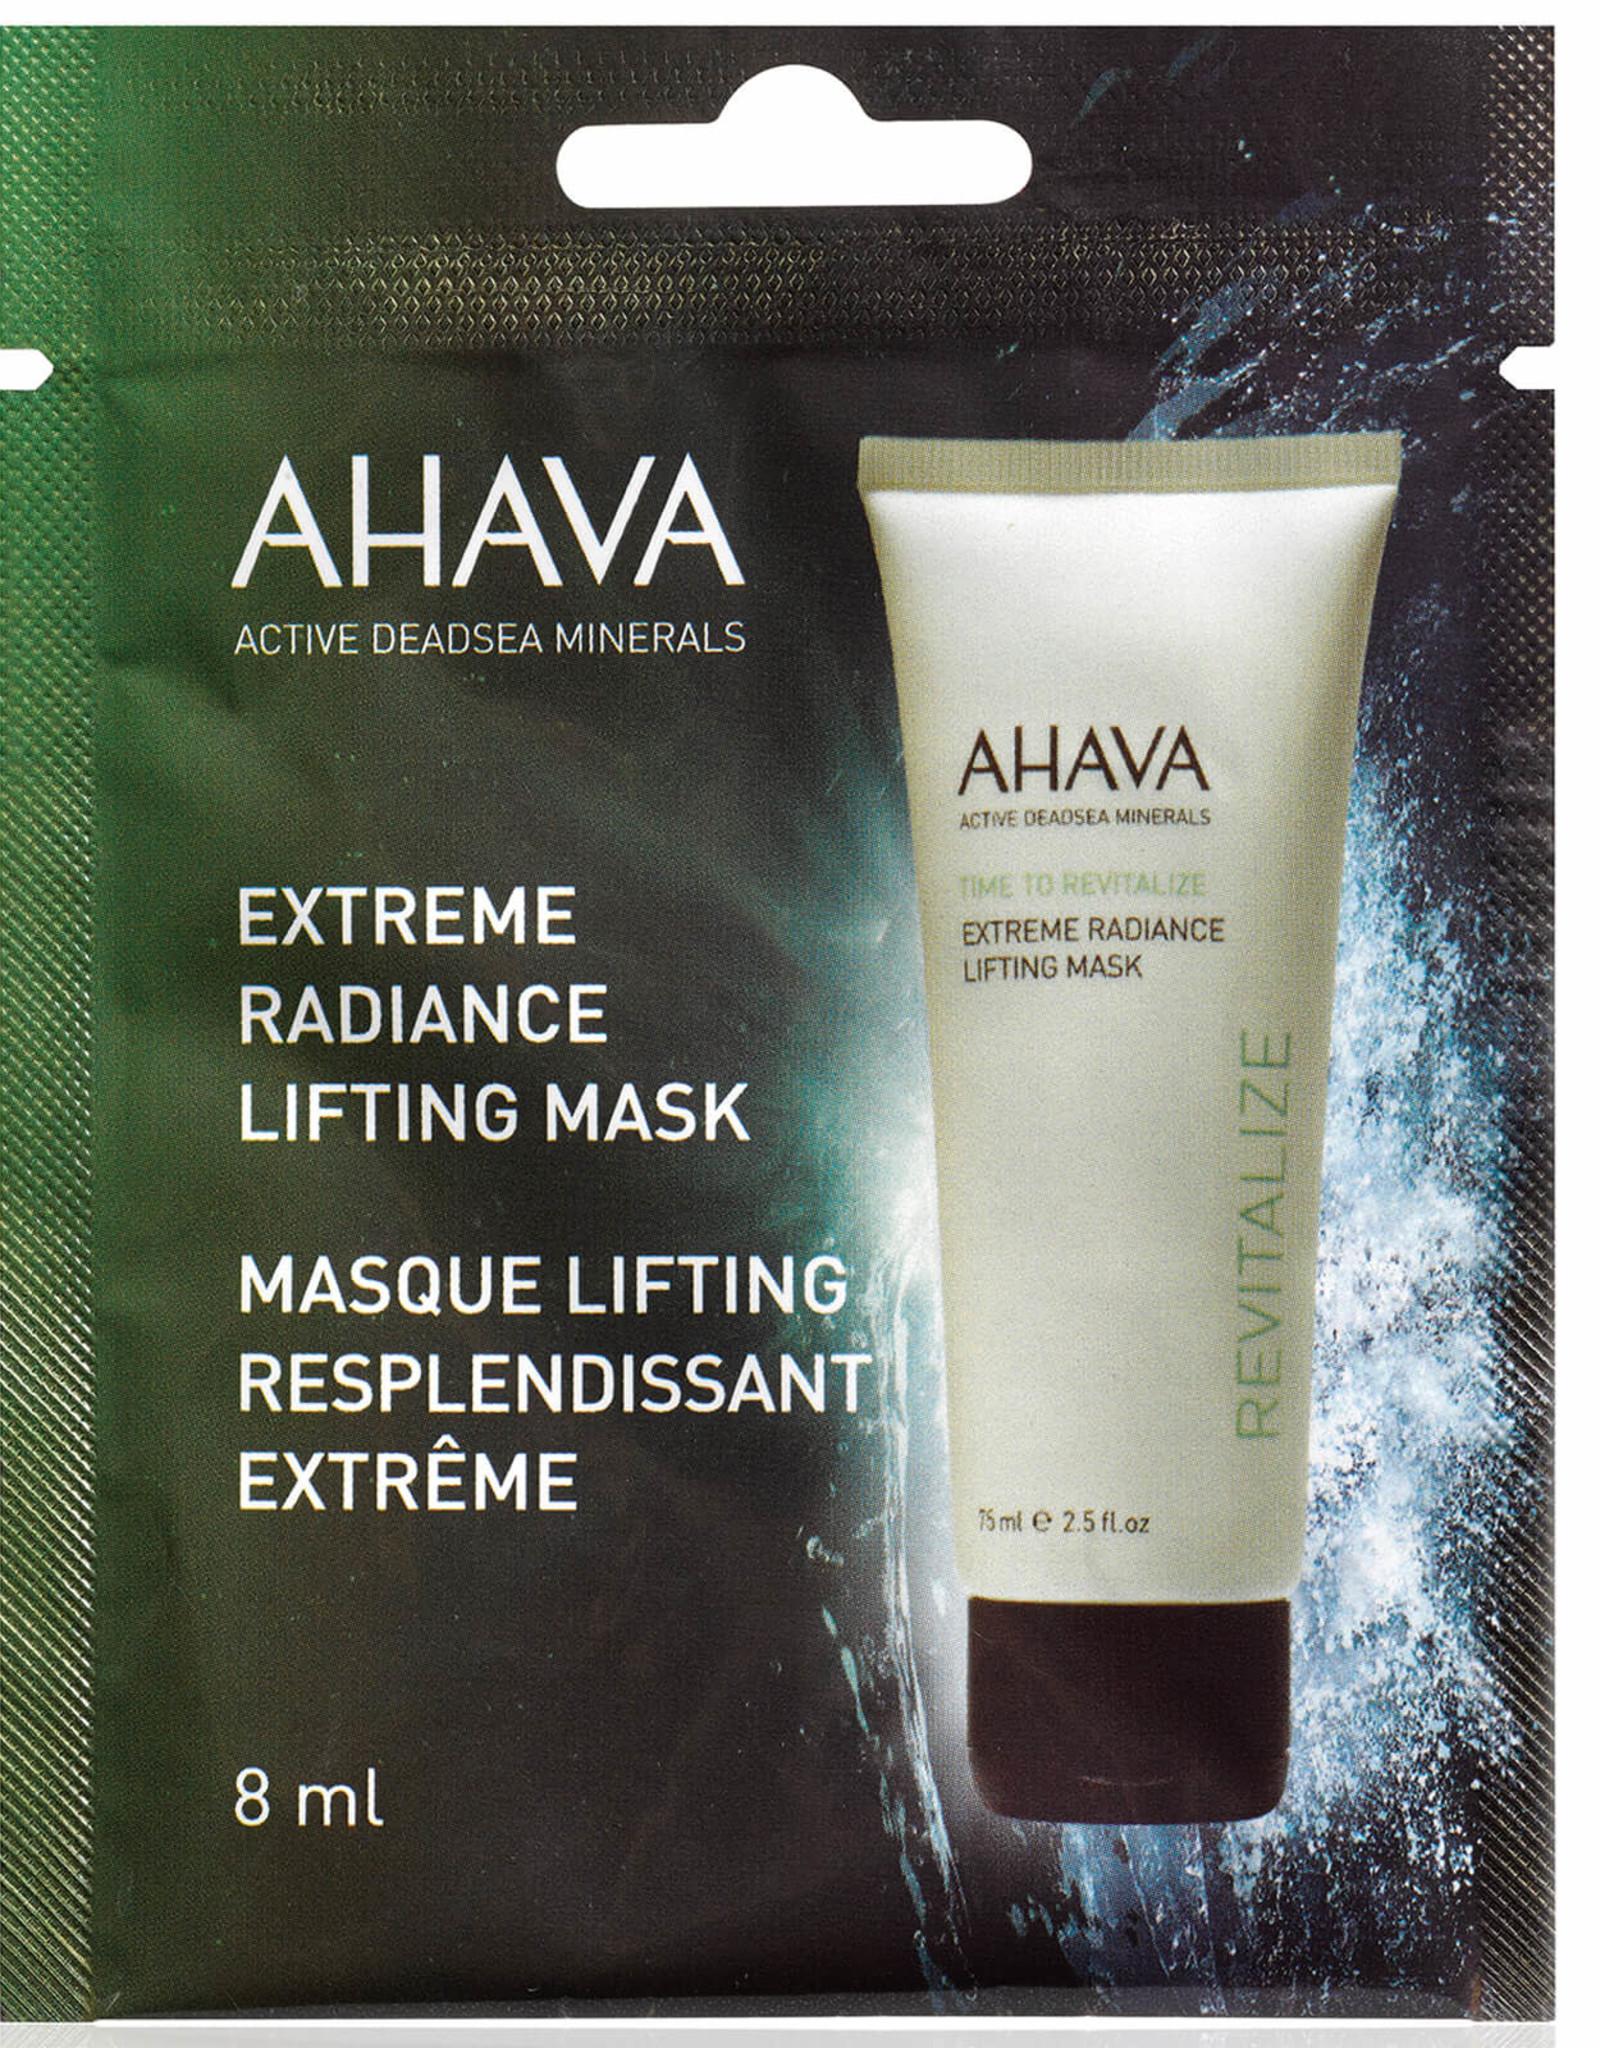 AHAVA Extreme radiance lifting mask - single use 8ml